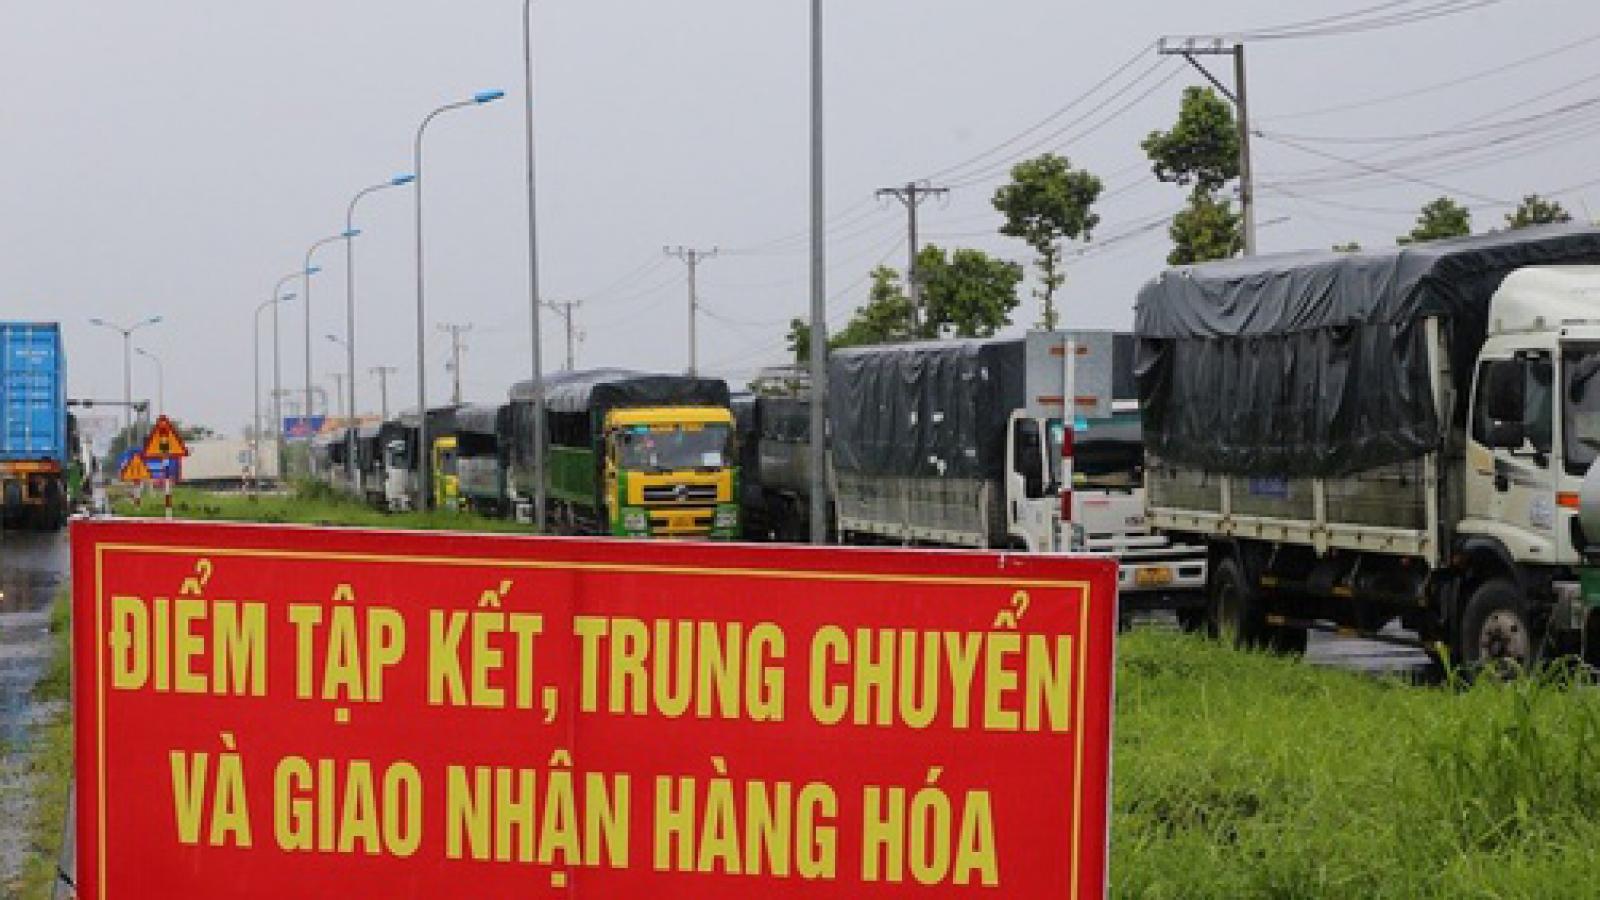 Hà Nội lập 5 điểm trung chuyển hàng hóa vào nội thành